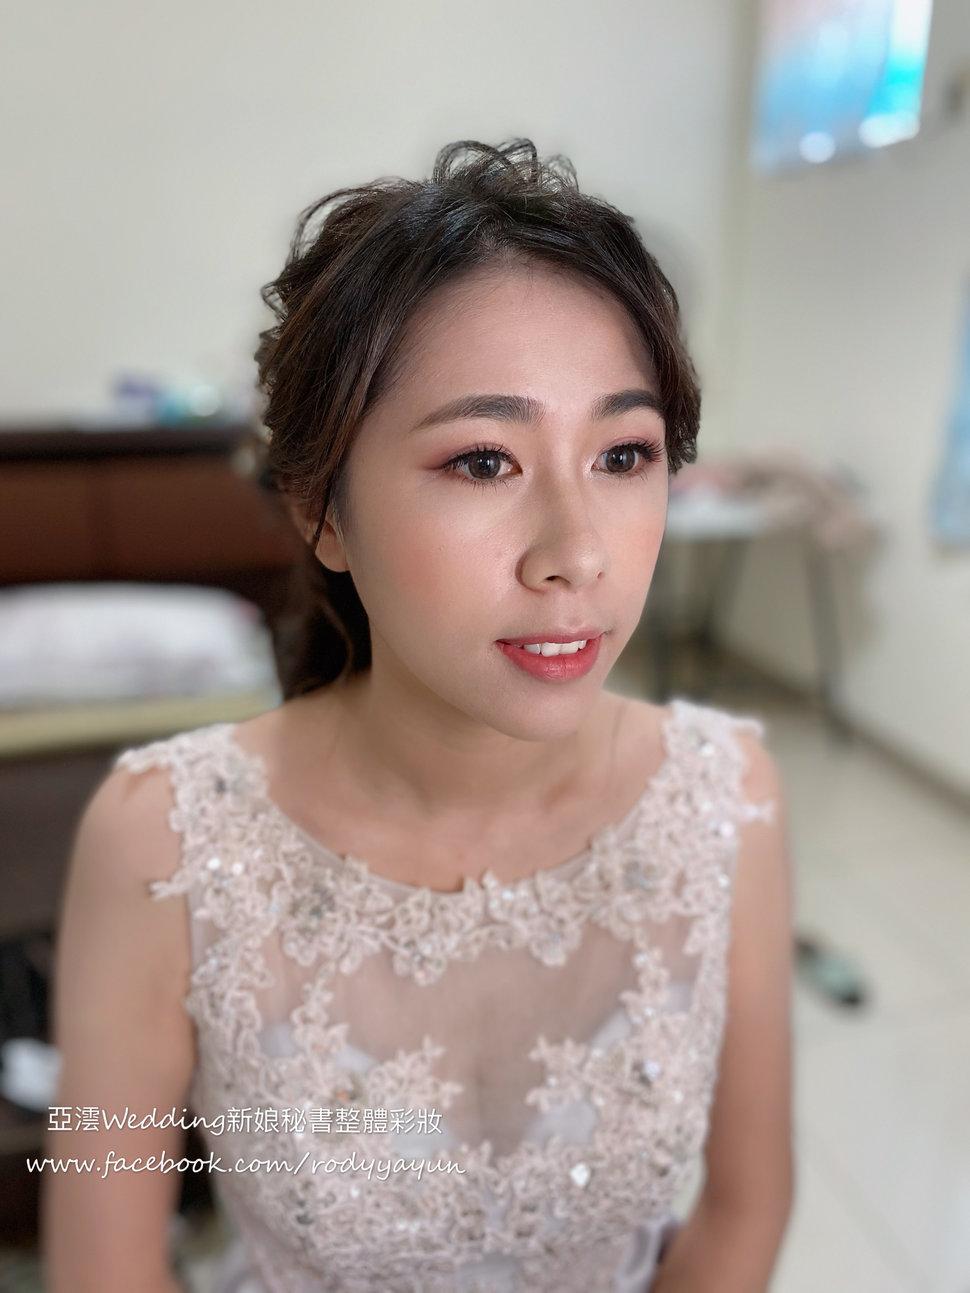 DAB3889A-2211-4F10-ABC3-7C168A6B6ED5 - 亞澐 Wedding 新娘秘書 整體彩妝《結婚吧》